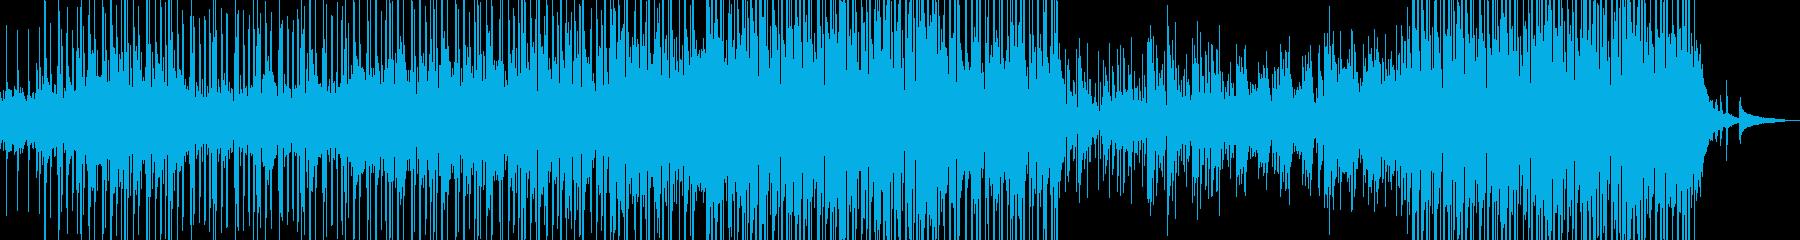 大切な人へ届けるイメージのR&B 長尺の再生済みの波形